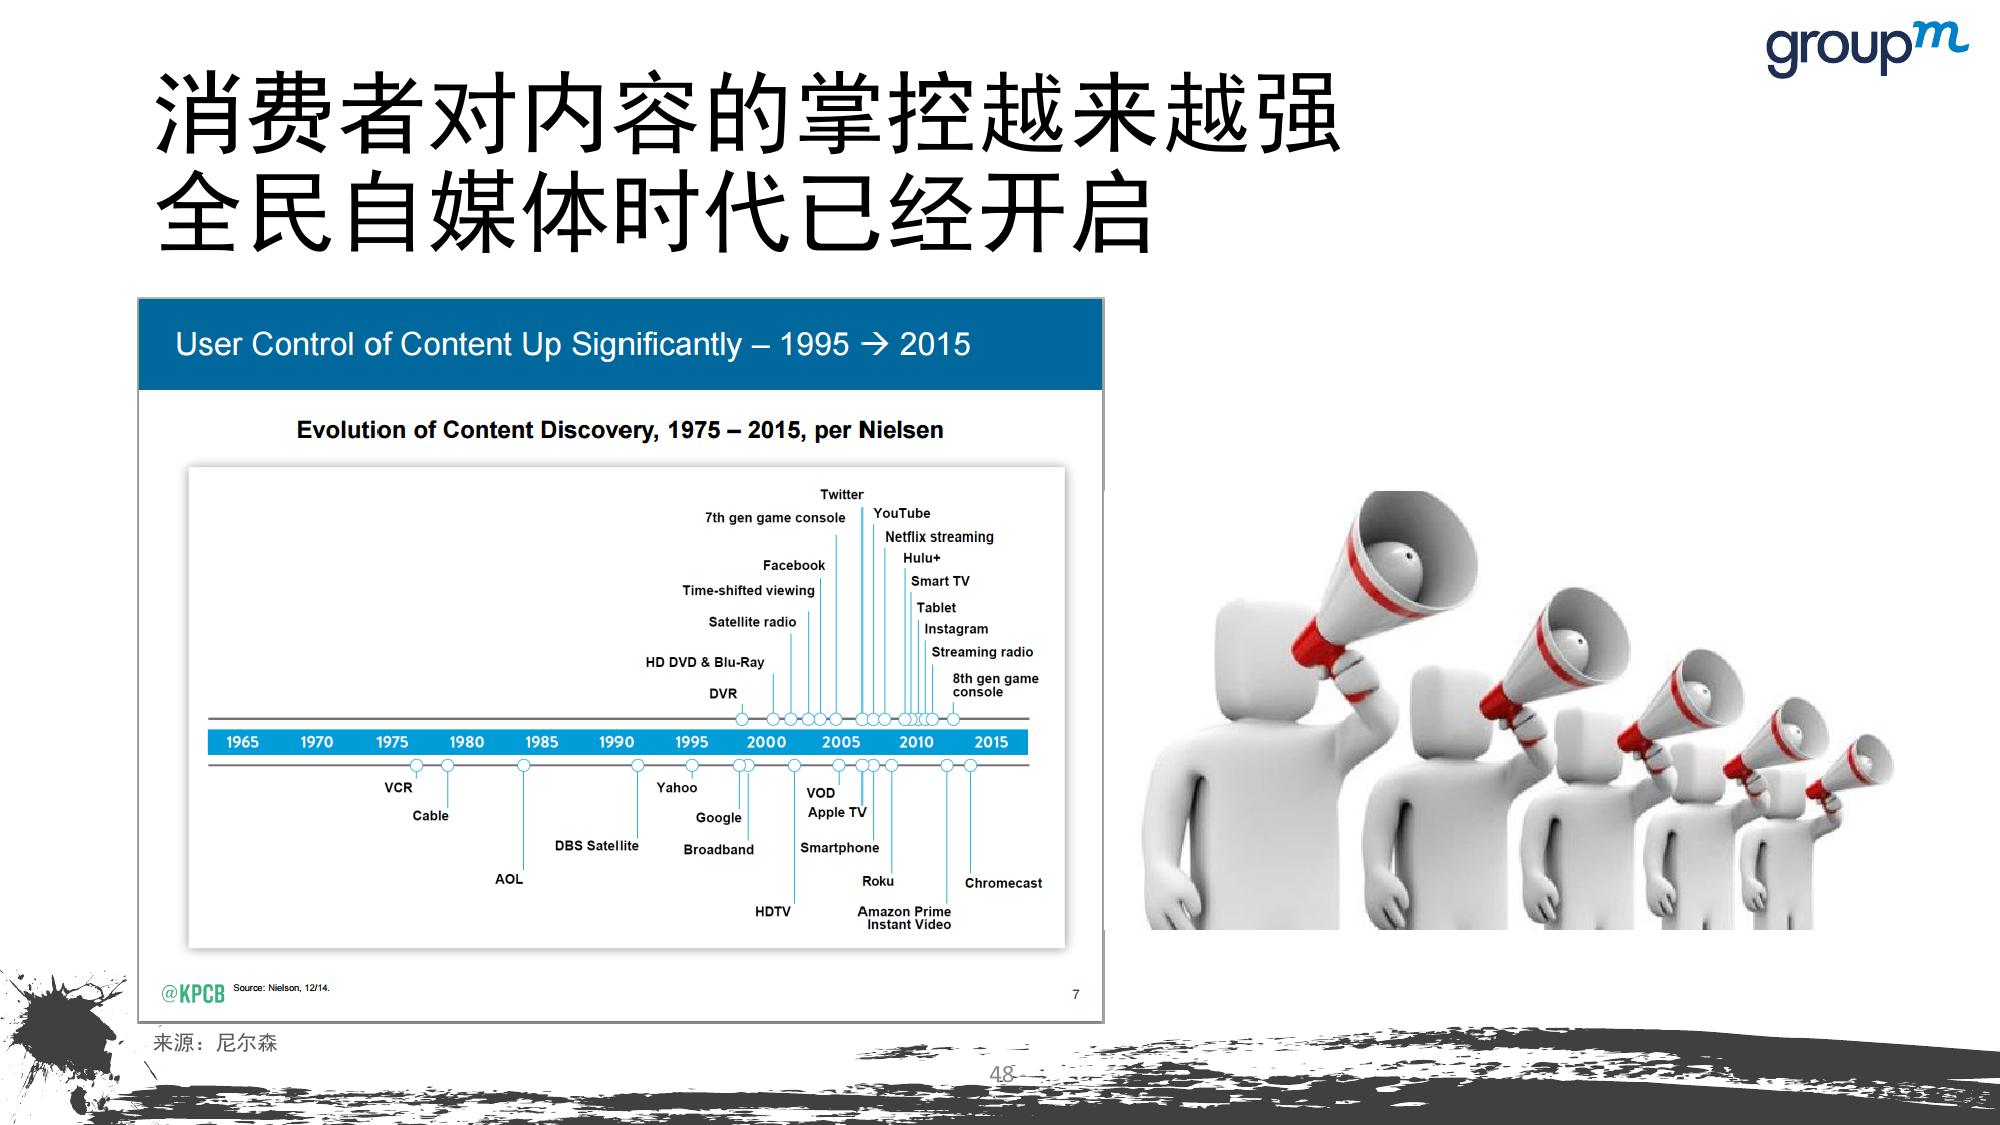 山海今2015中国媒介趋势报告_000048